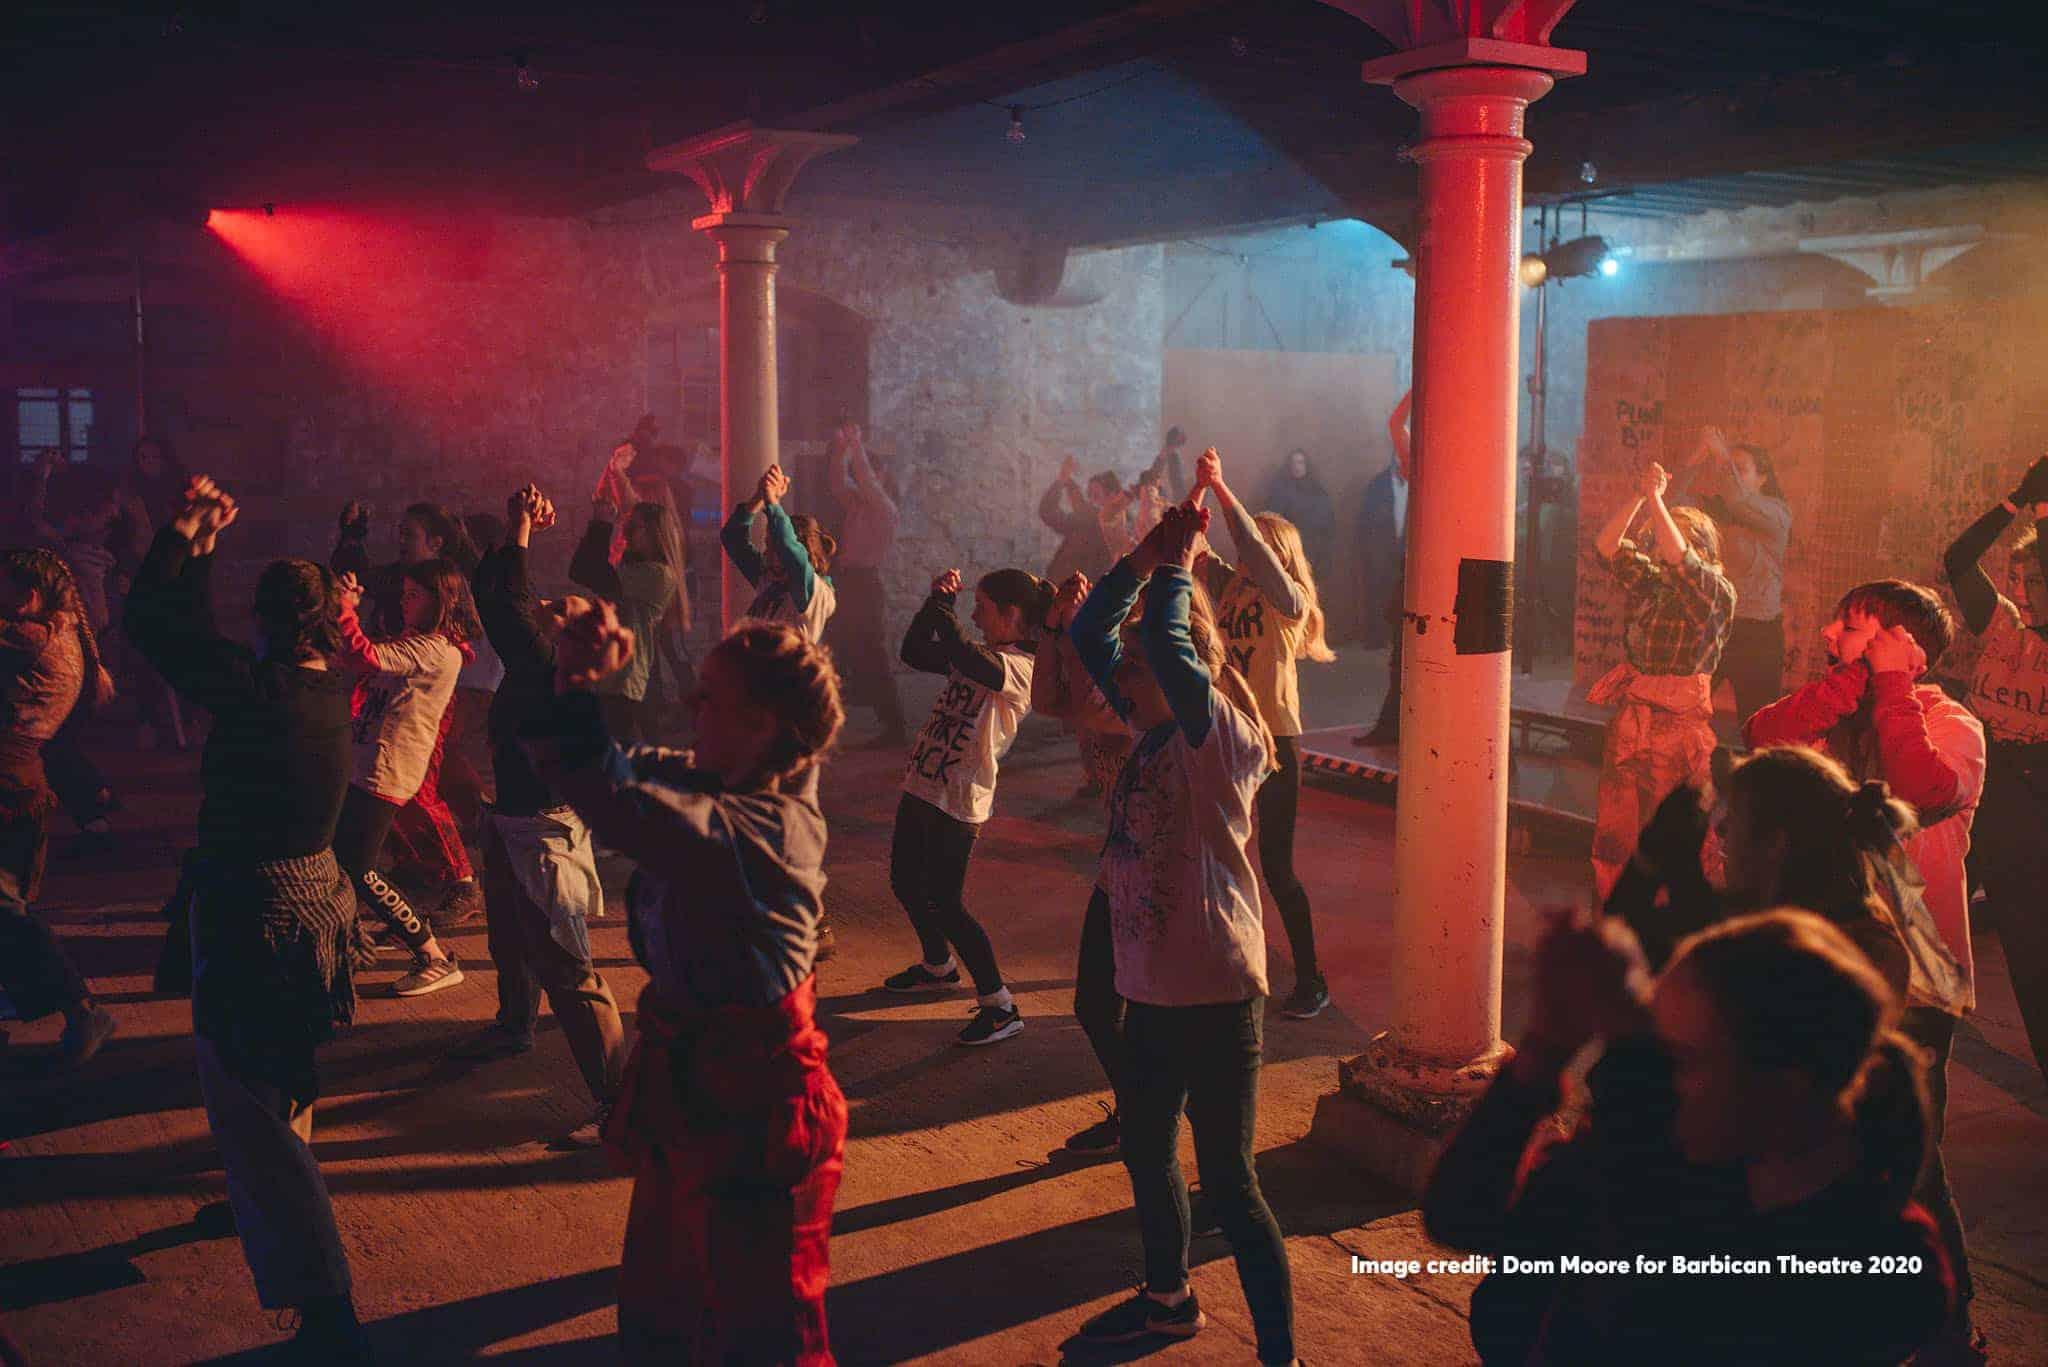 Barbican ReBels performing at CIVIC @ Royal William Yard Feb 2020